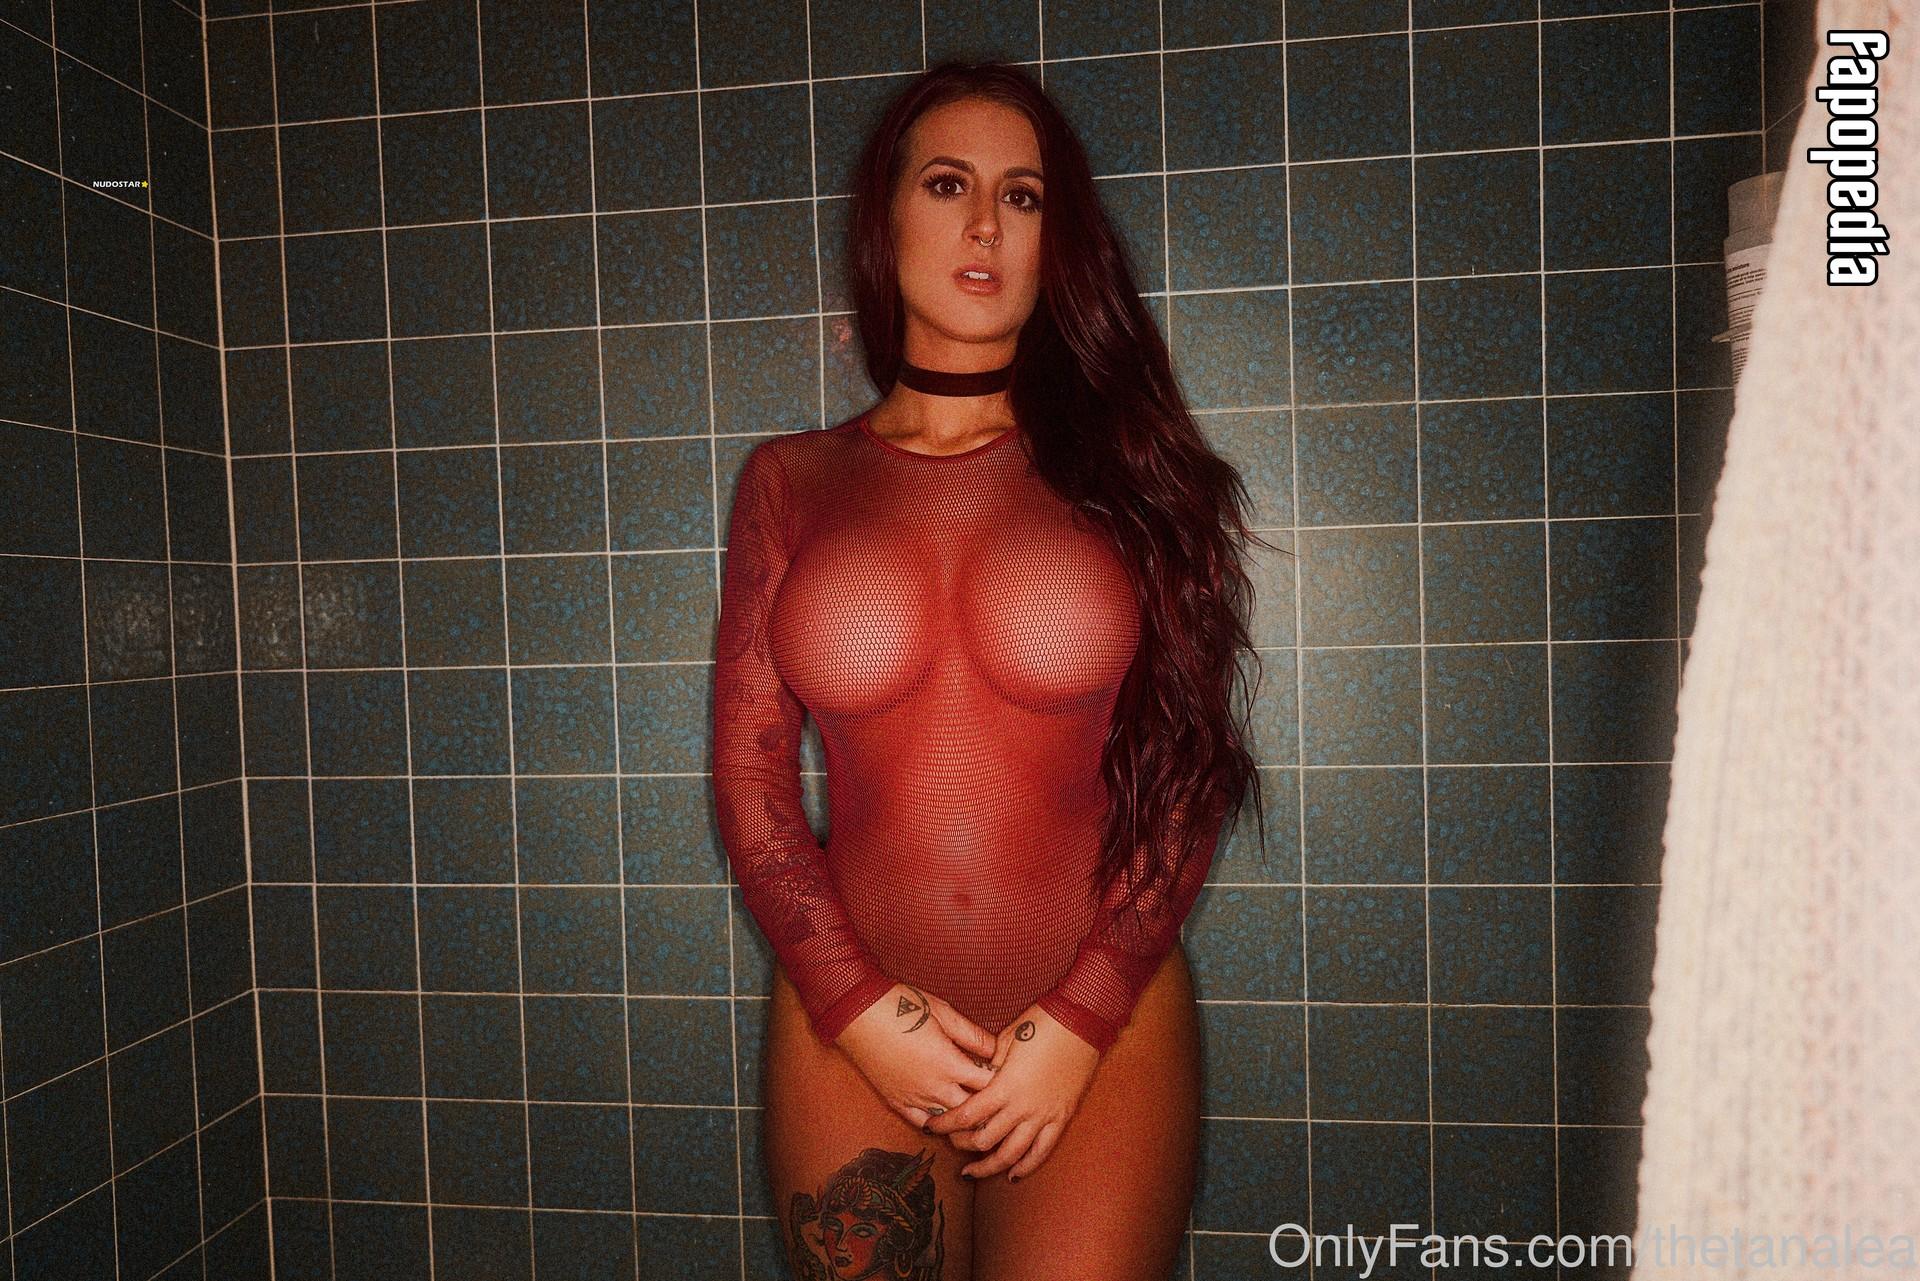 Thetanalea Nude OnlyFans Leaks